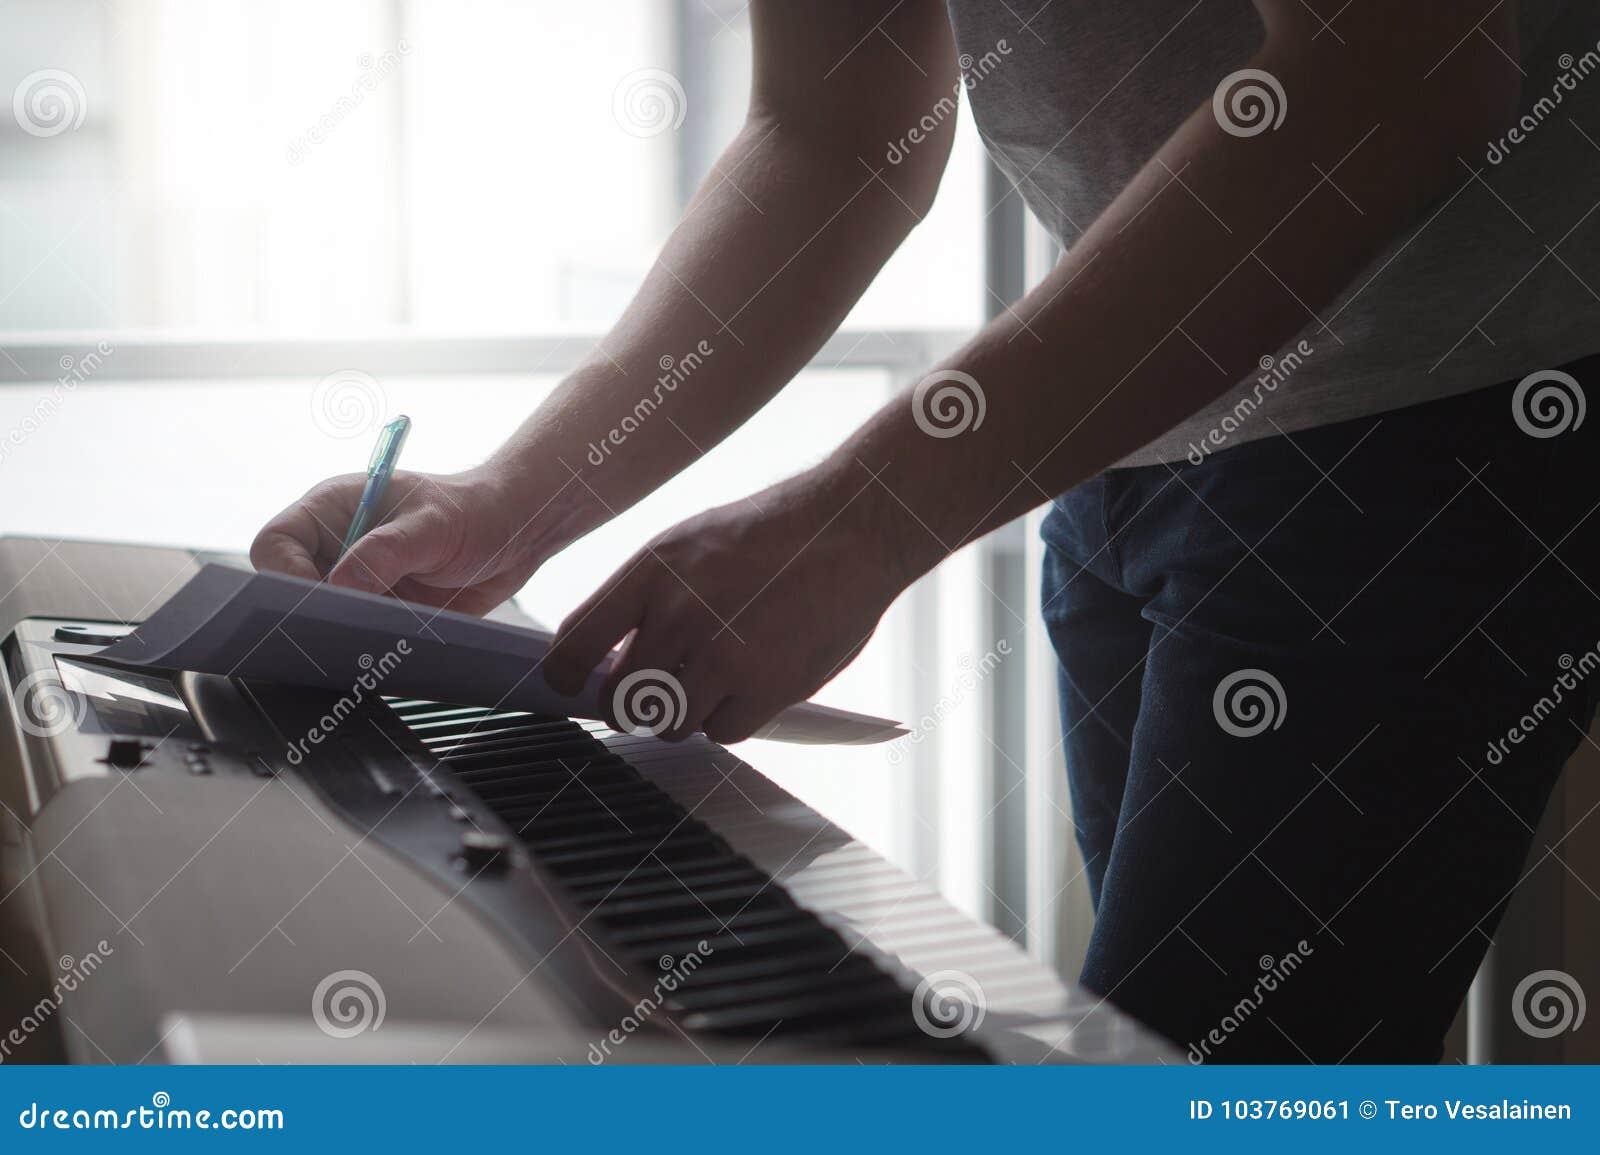 Σημειώσεις ή λυρικά ποιήματα γραψίματος συνθετών και τραγουδοποιών σε χαρτί